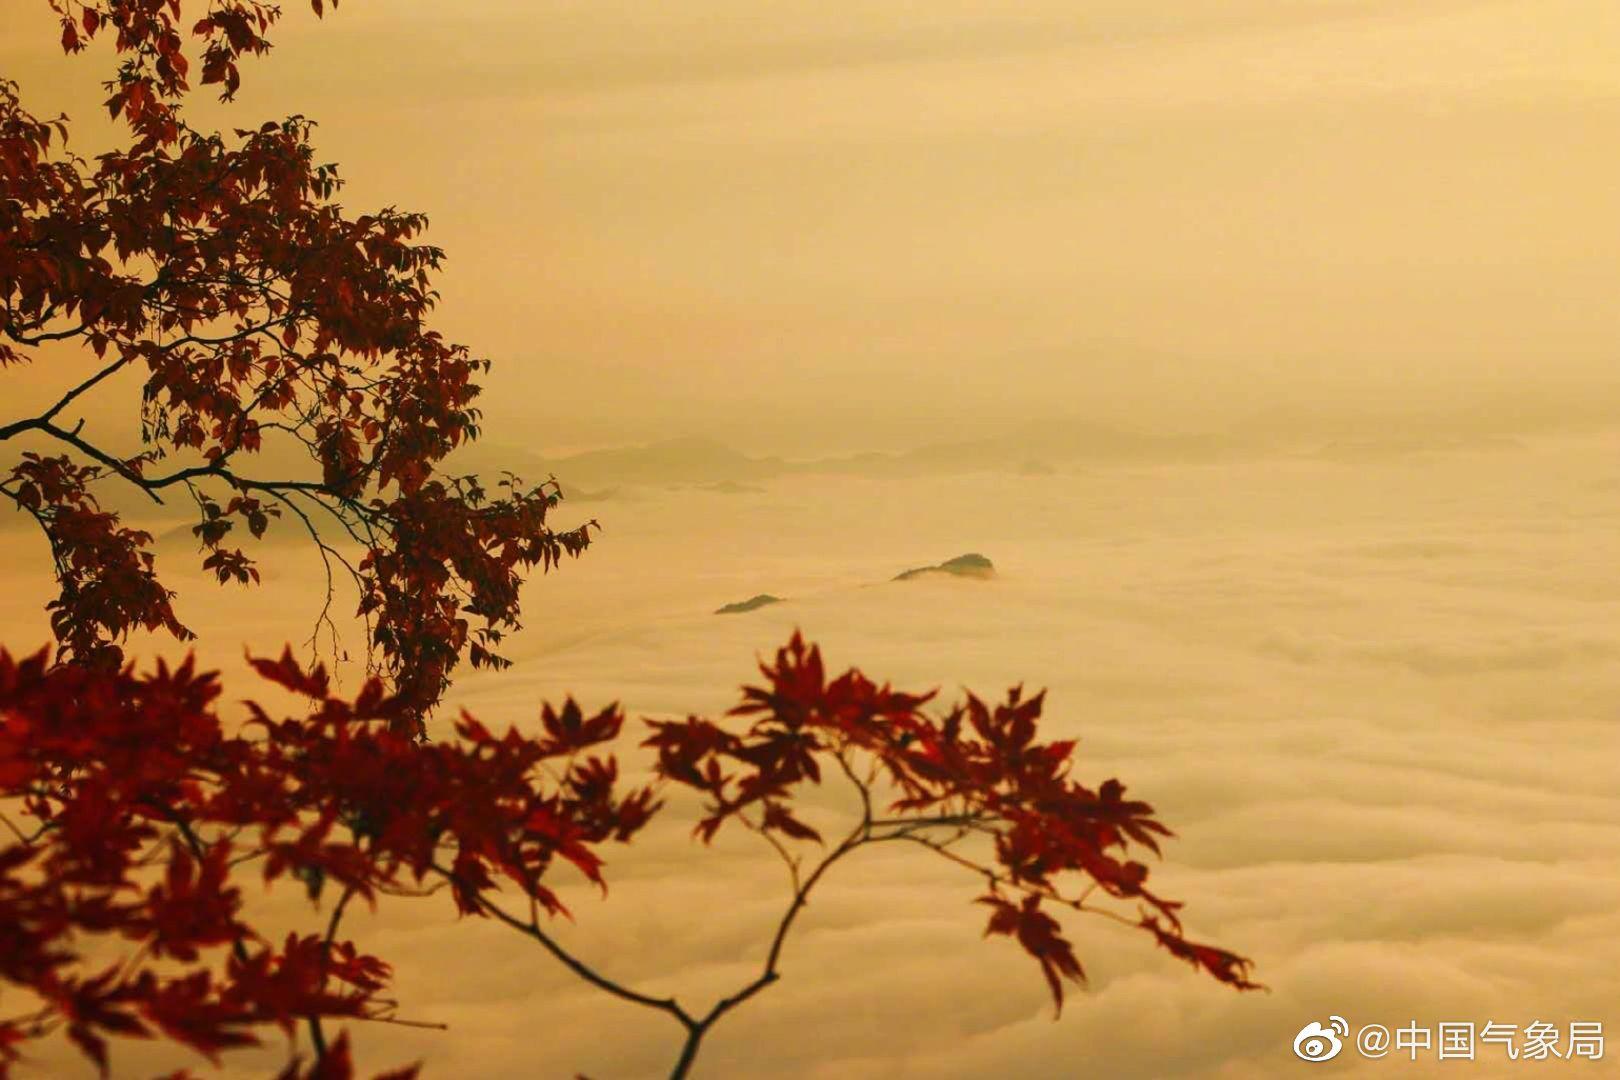 秋日的清晨,大雾穿越山间形成云海,霜染红叶越发红艳